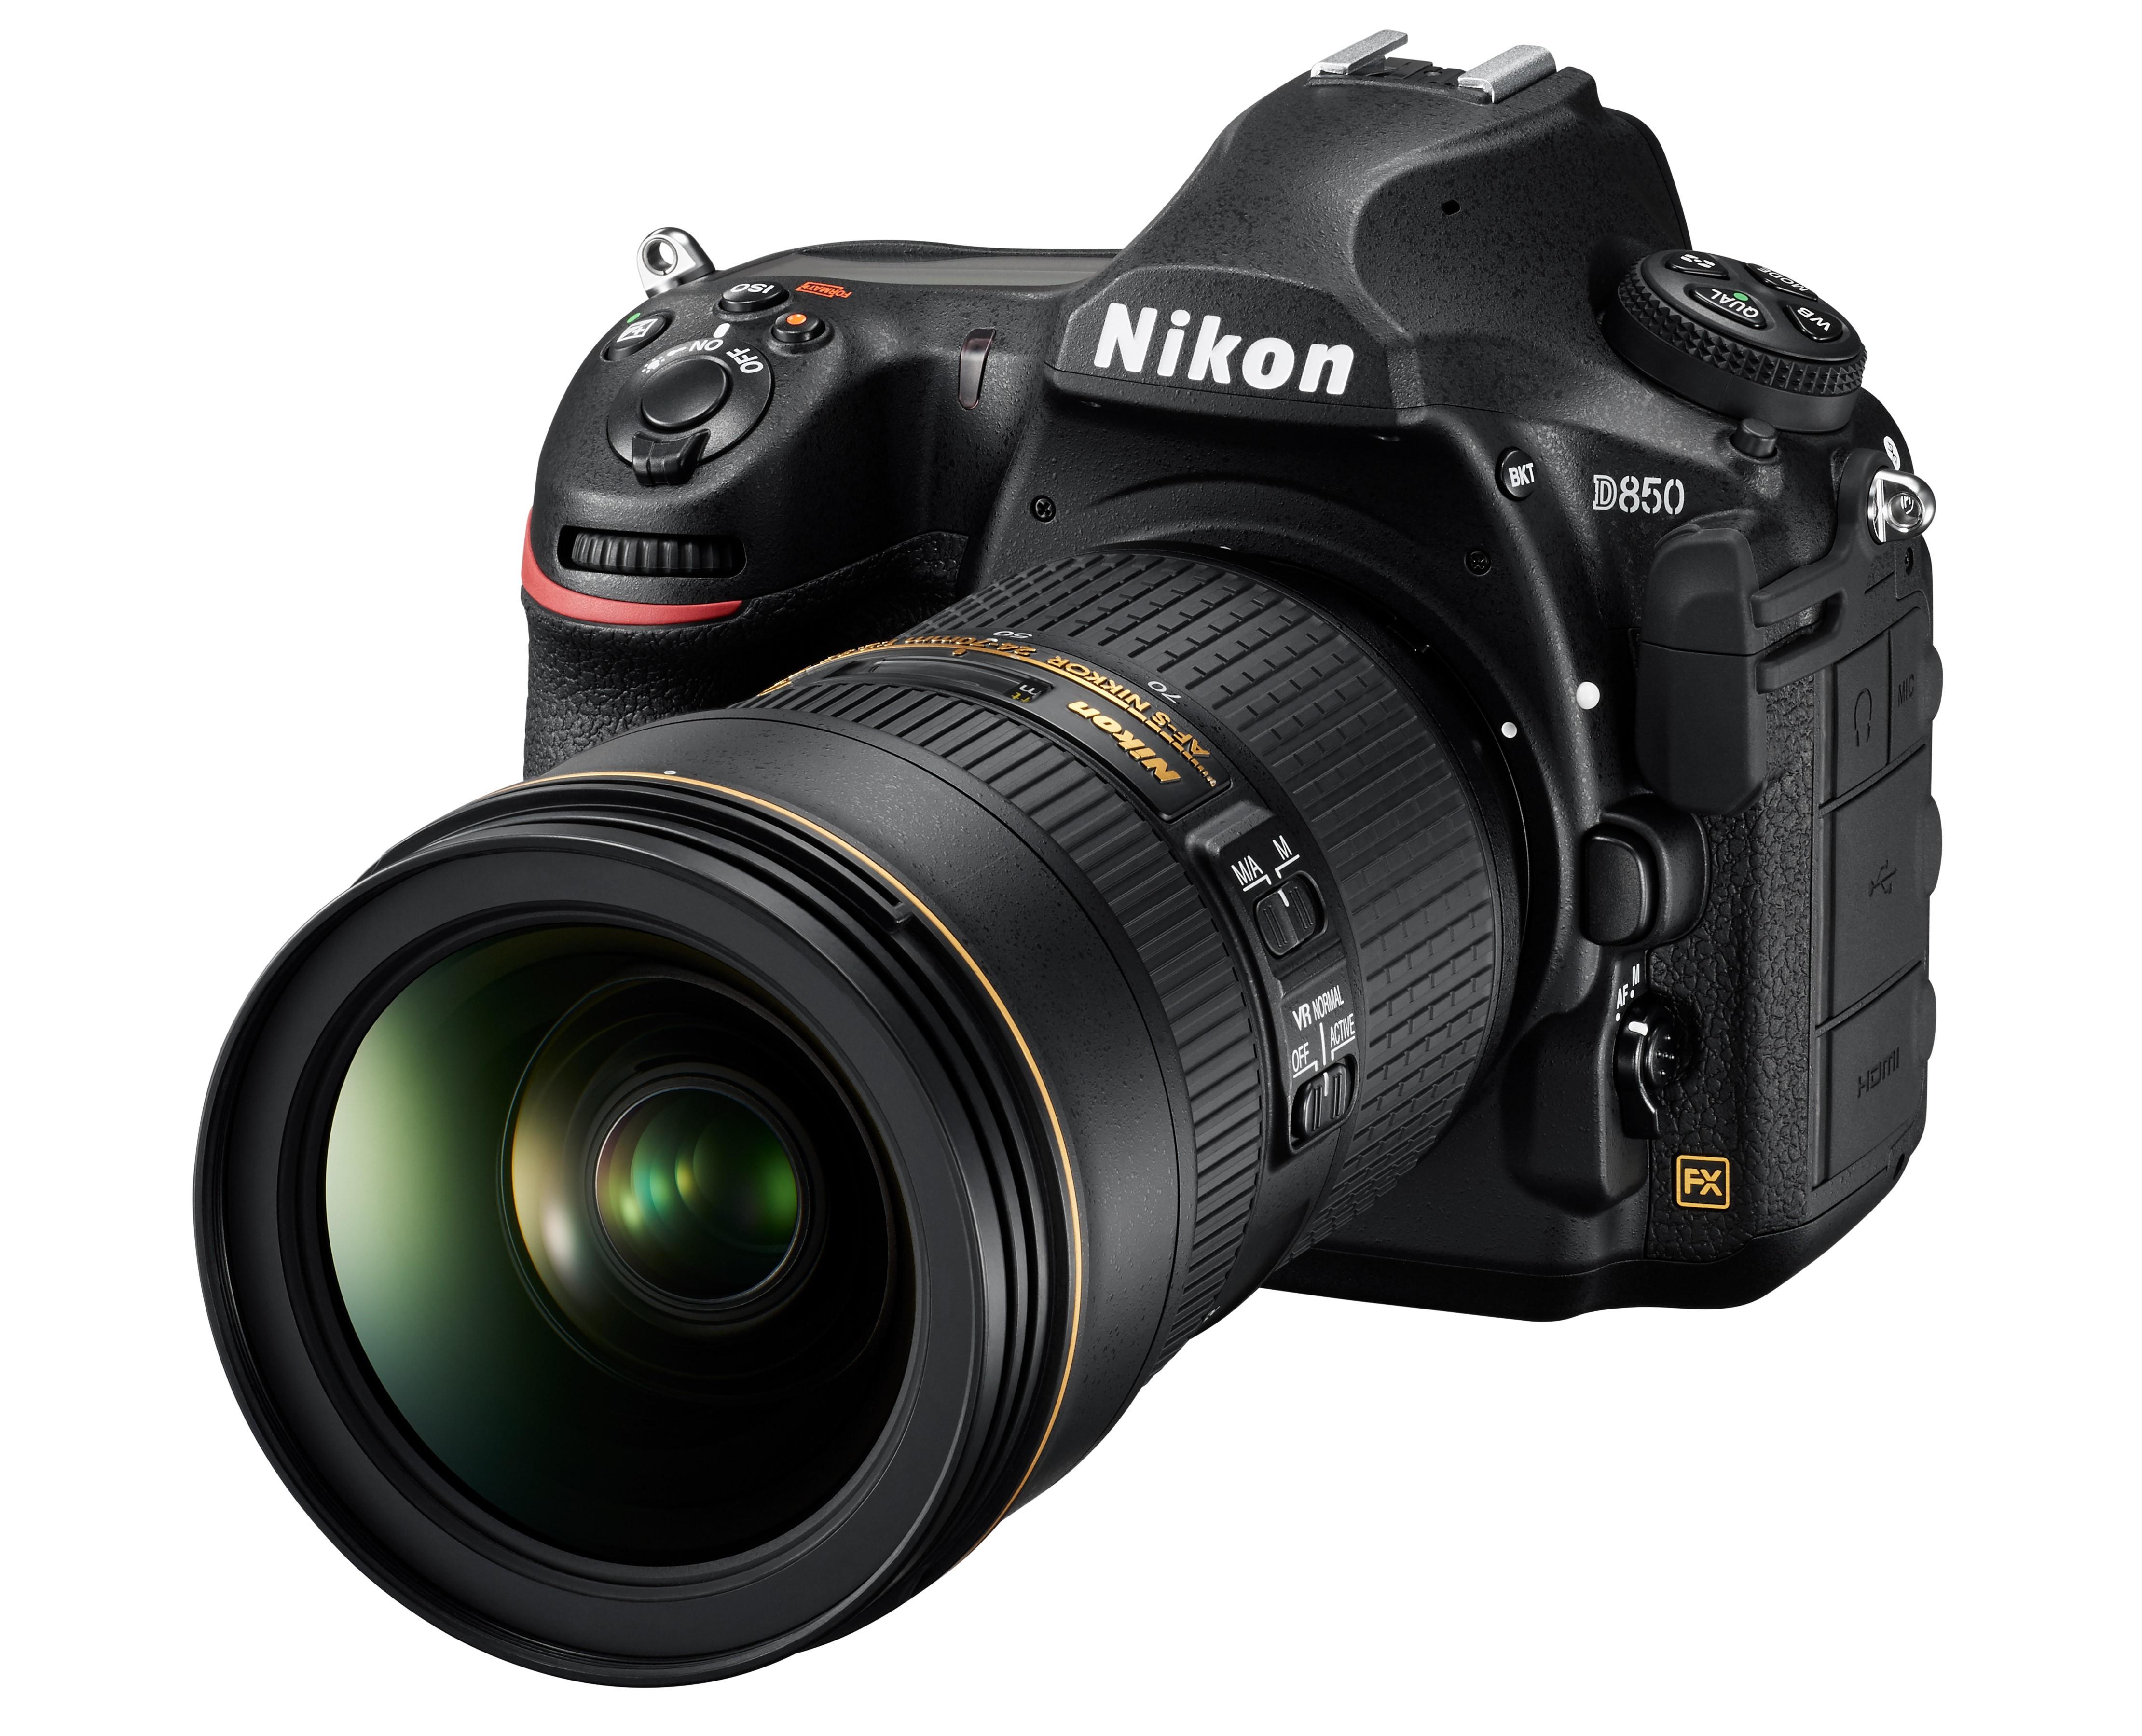 NIKON D850 Prezzo Kit 24-120mm | Offerte Reflex D850